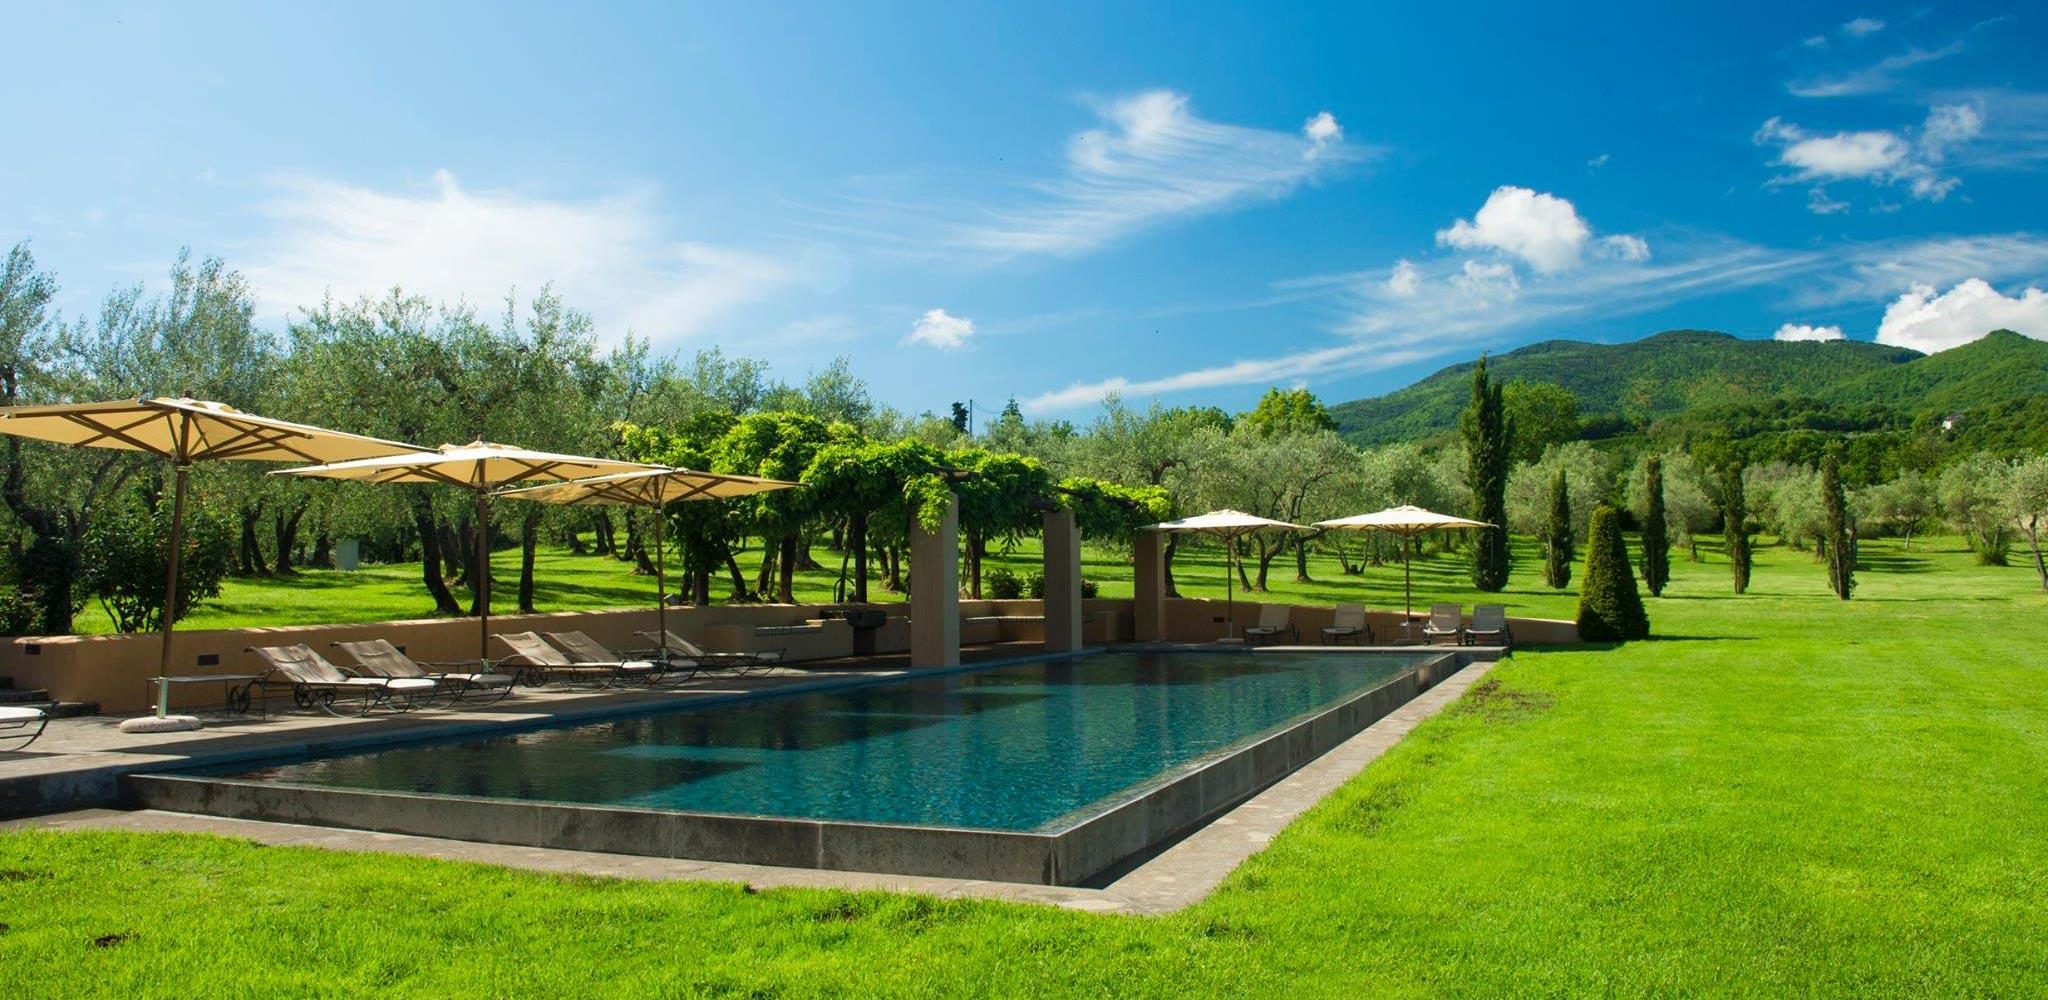 piscina della tenuta con paesaggio collinare